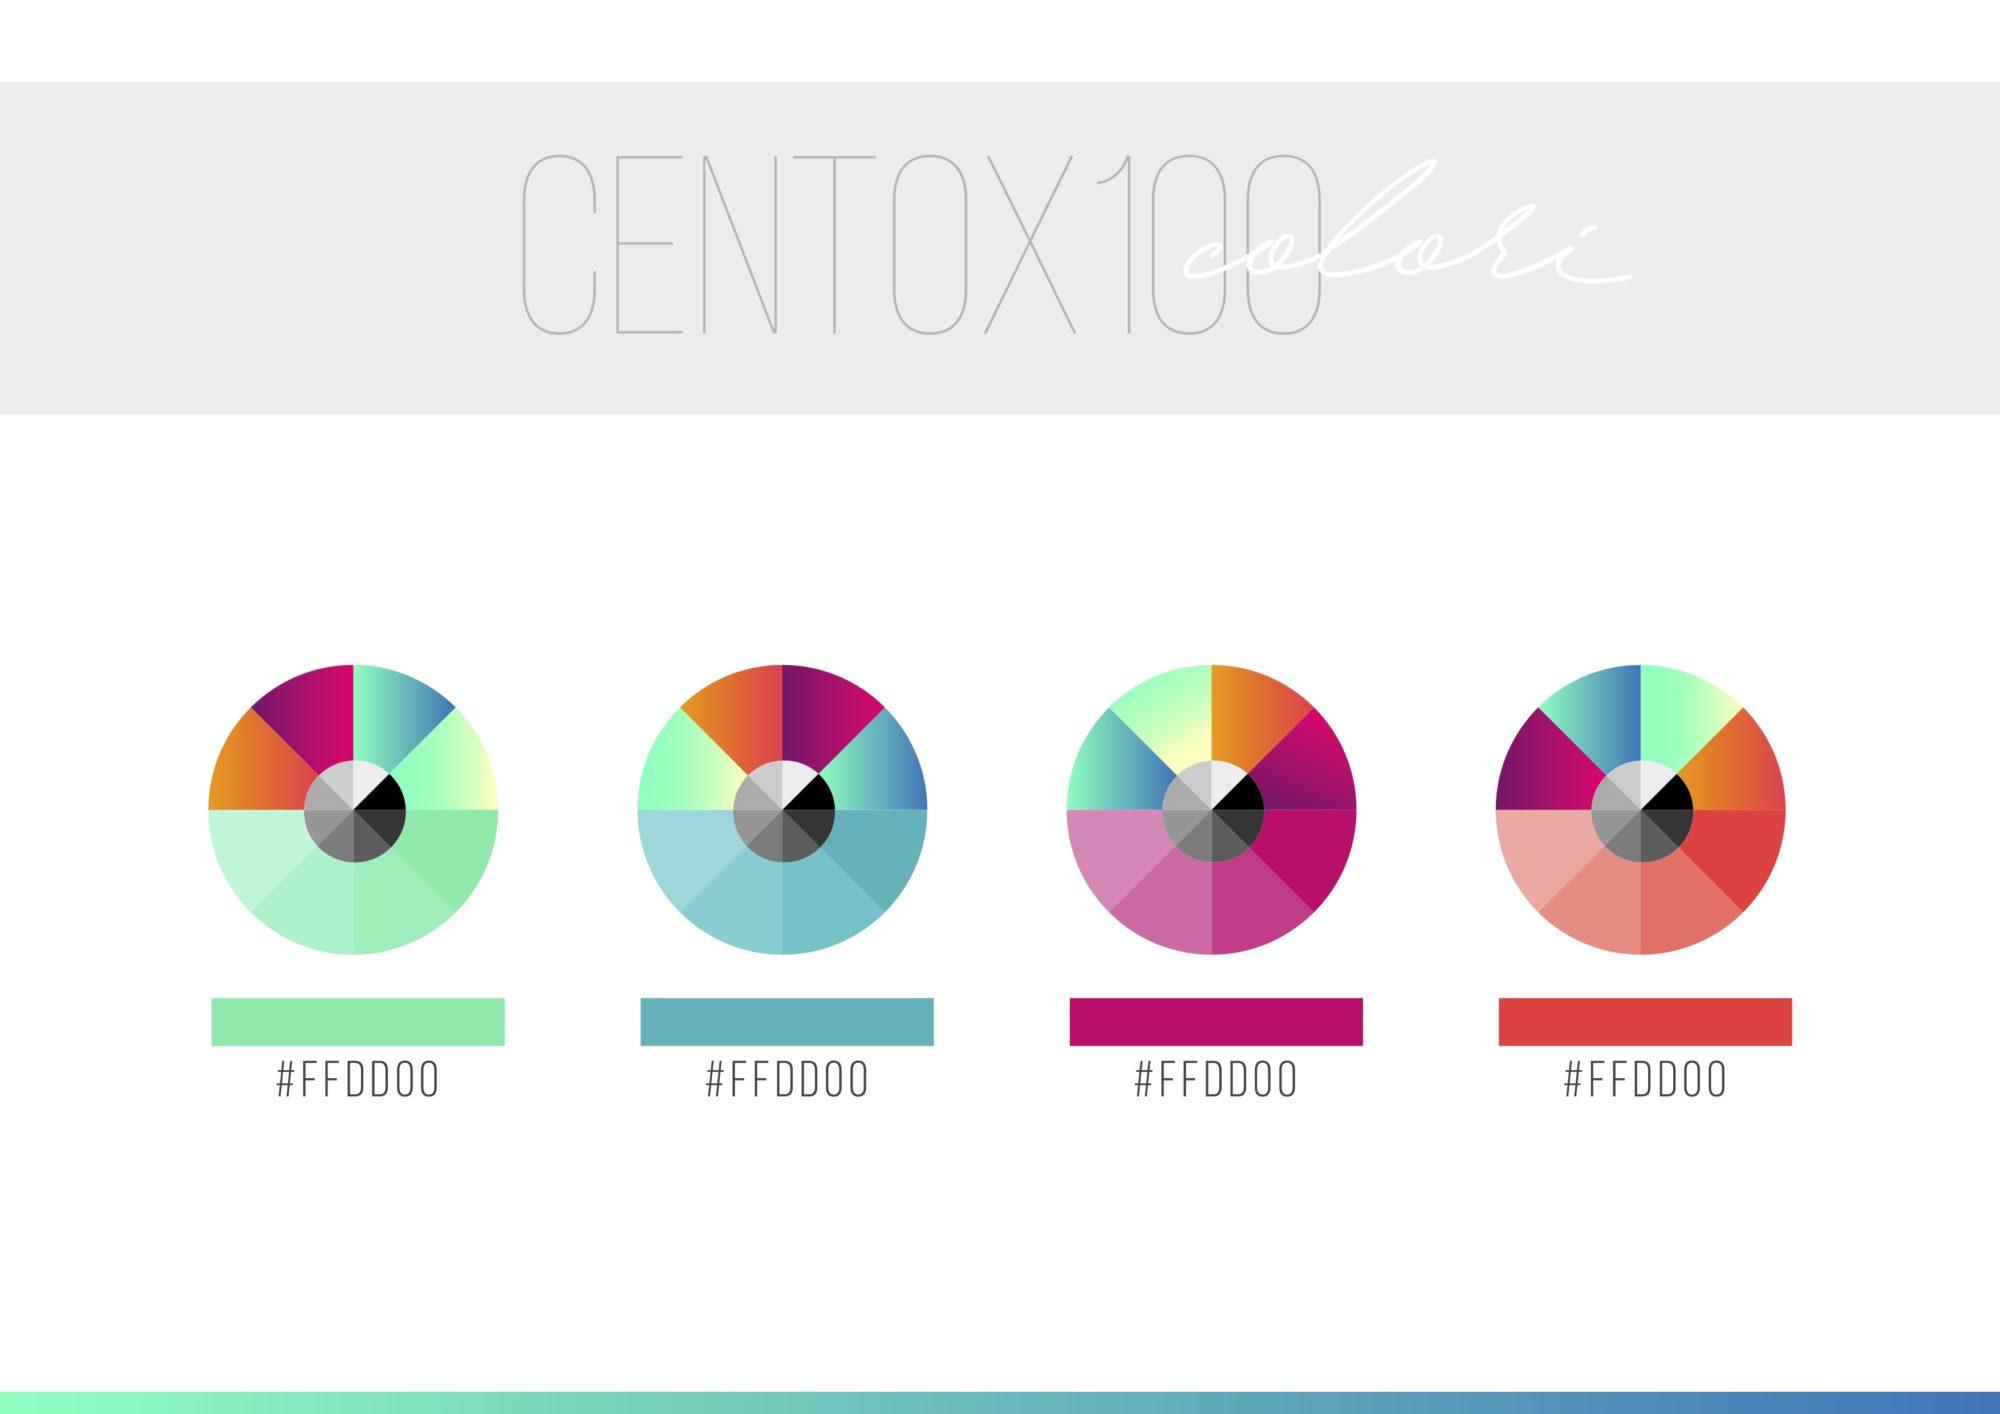 CentoX1007